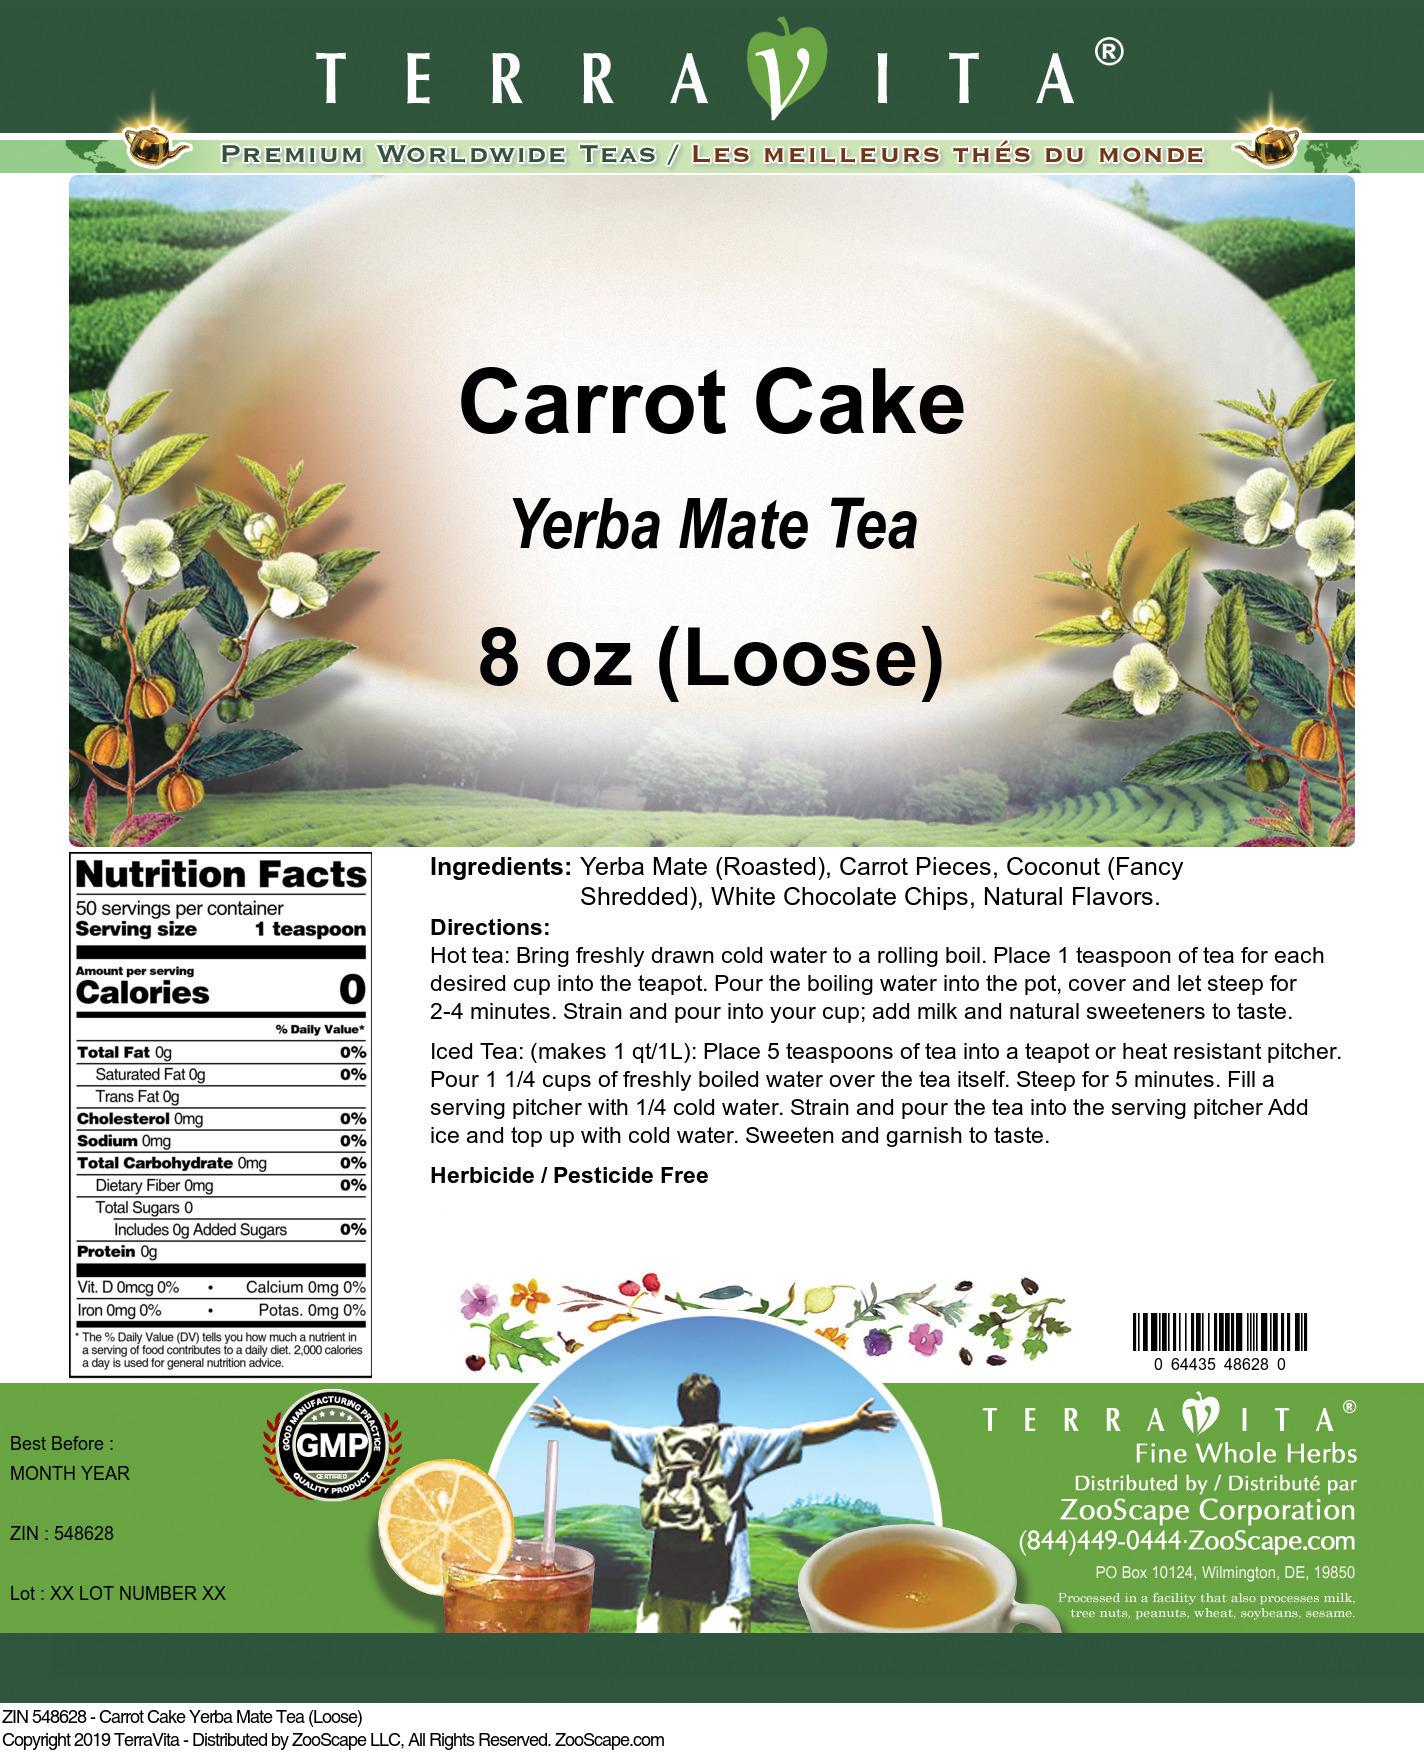 Carrot Cake Yerba Mate Tea (Loose)